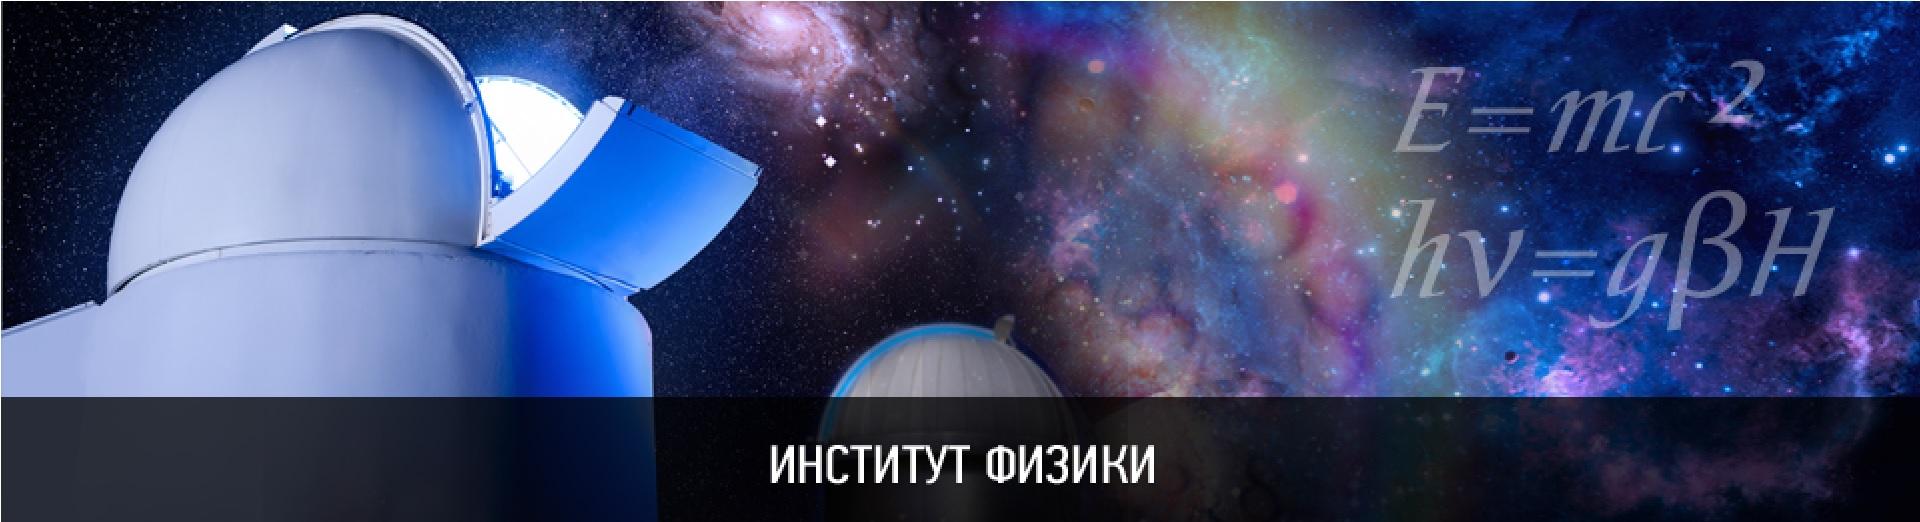 Портал КФУ \ Образование \ Институт физики \ Учебный процесс \ Специальности и направления